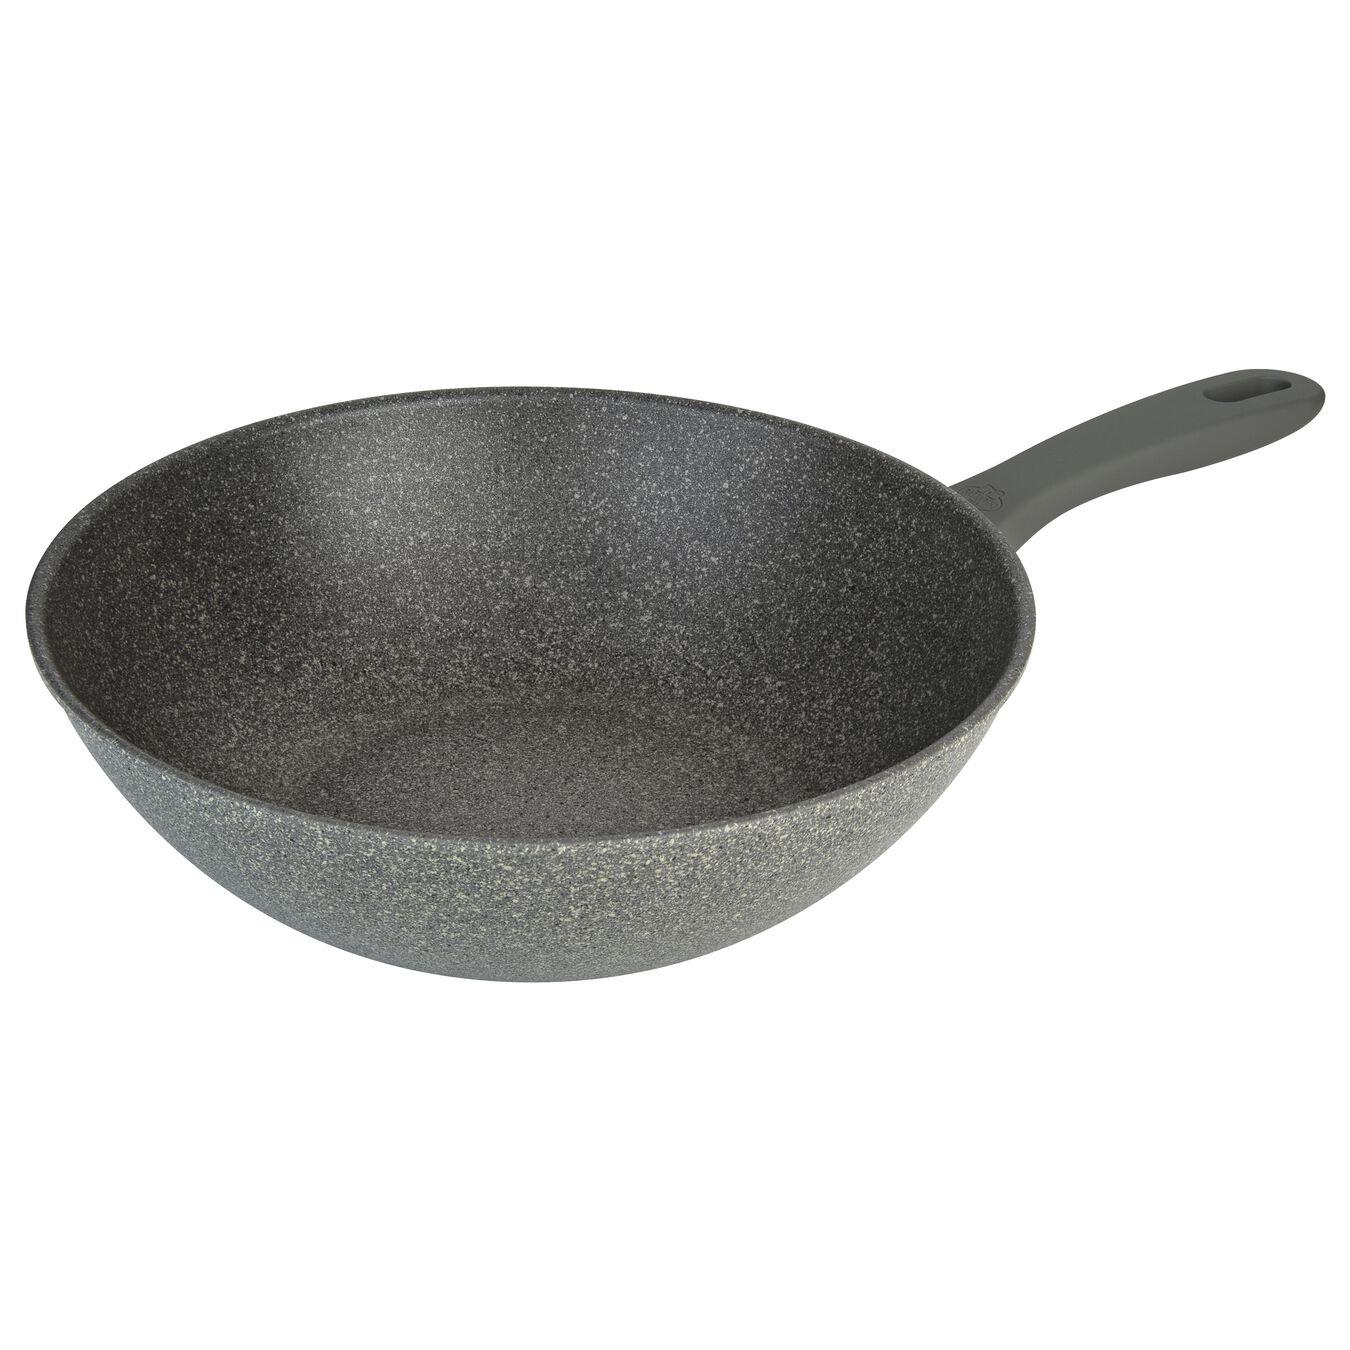 30 cm / 12 inch Aluminum Wok,,large 1